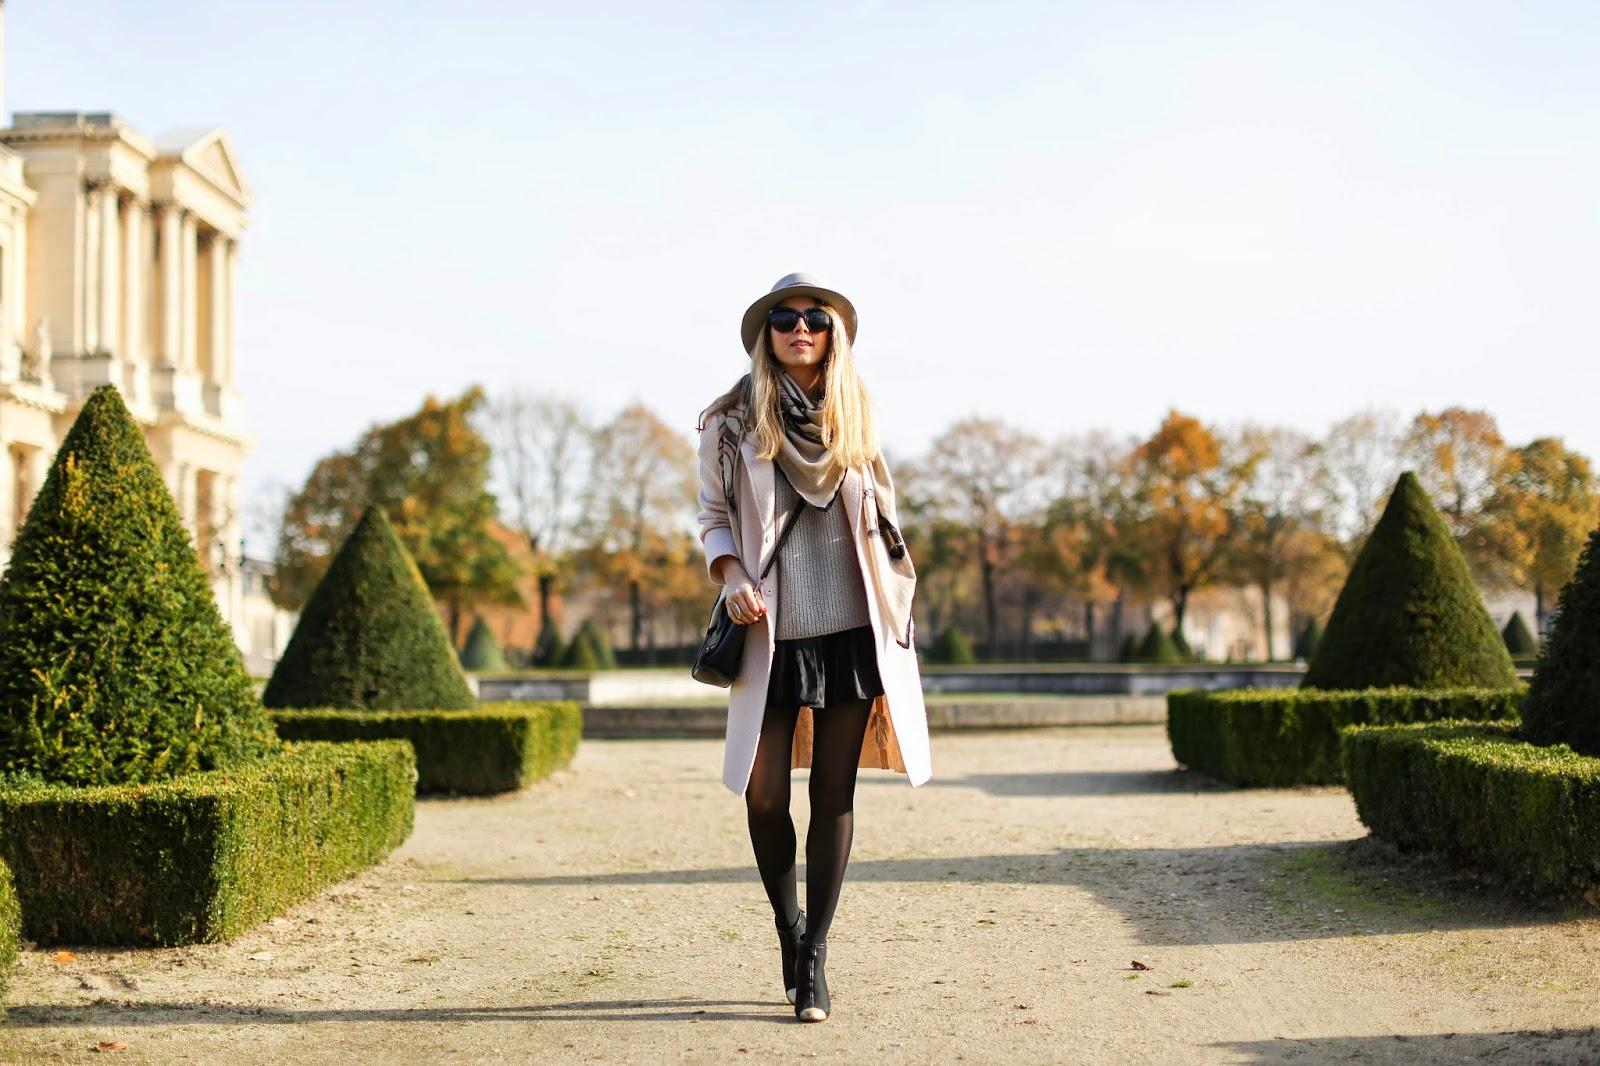 pink coat, zara, chanel, maison michel, isabel marant, céline, invalides, paris, soft colors, streetstyle, fashion blogger